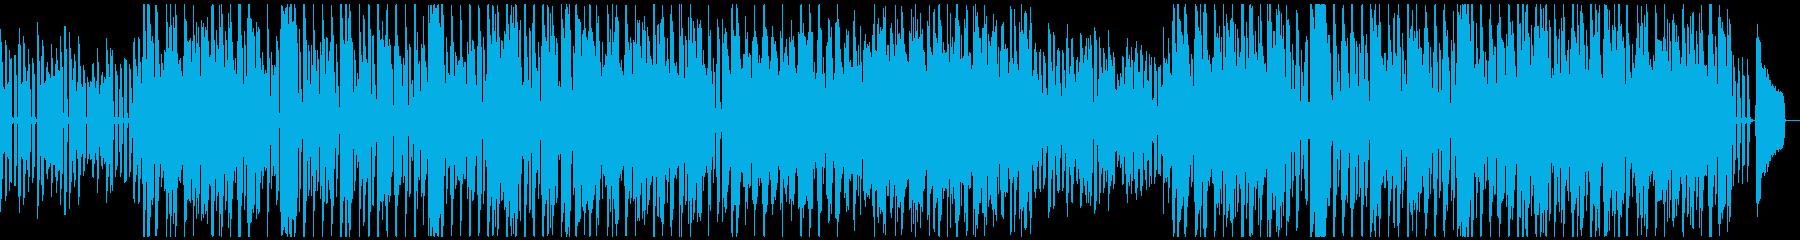 口笛とエレピののんびりとした気楽なBGMの再生済みの波形